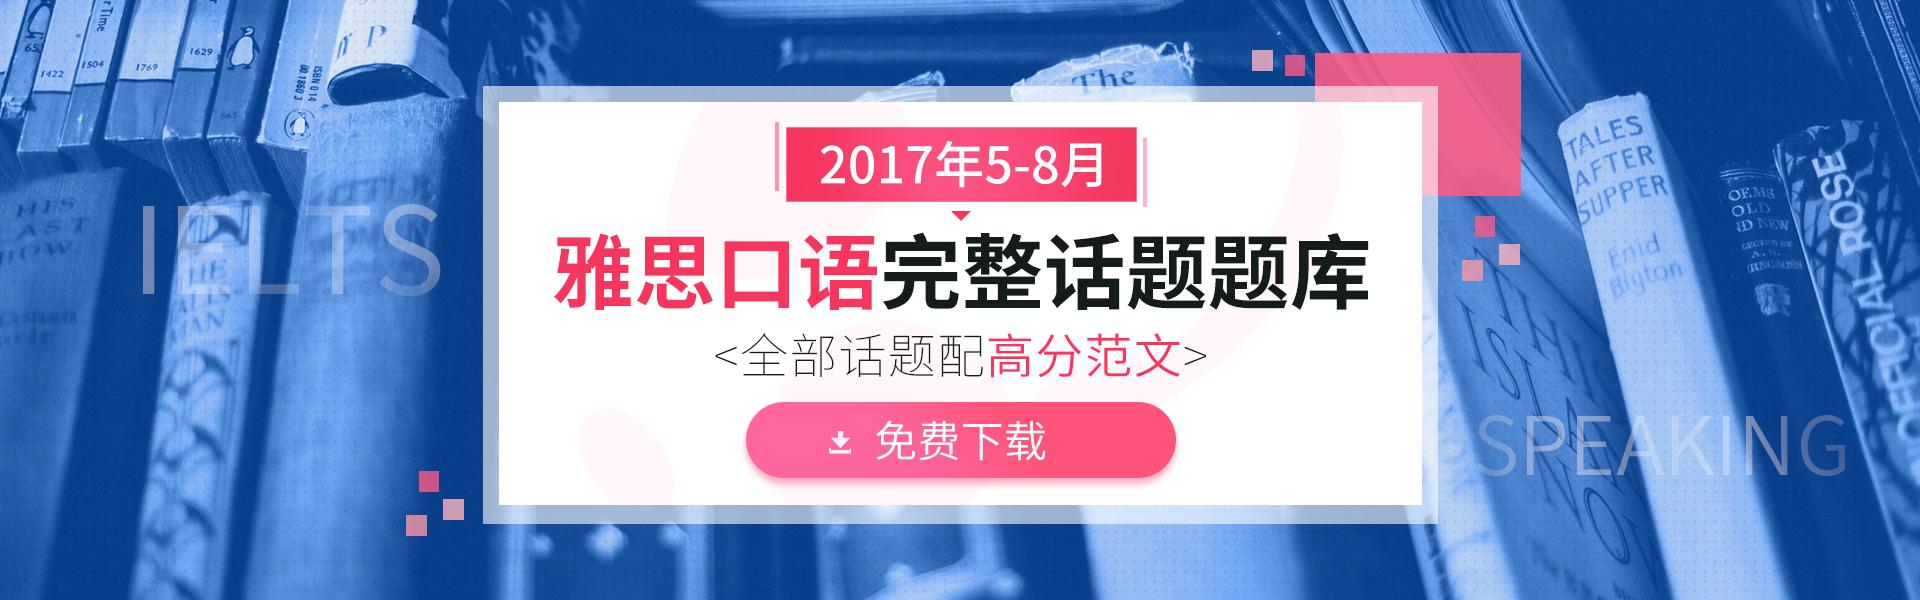 2017年5-8月雅思口语题库免费下载